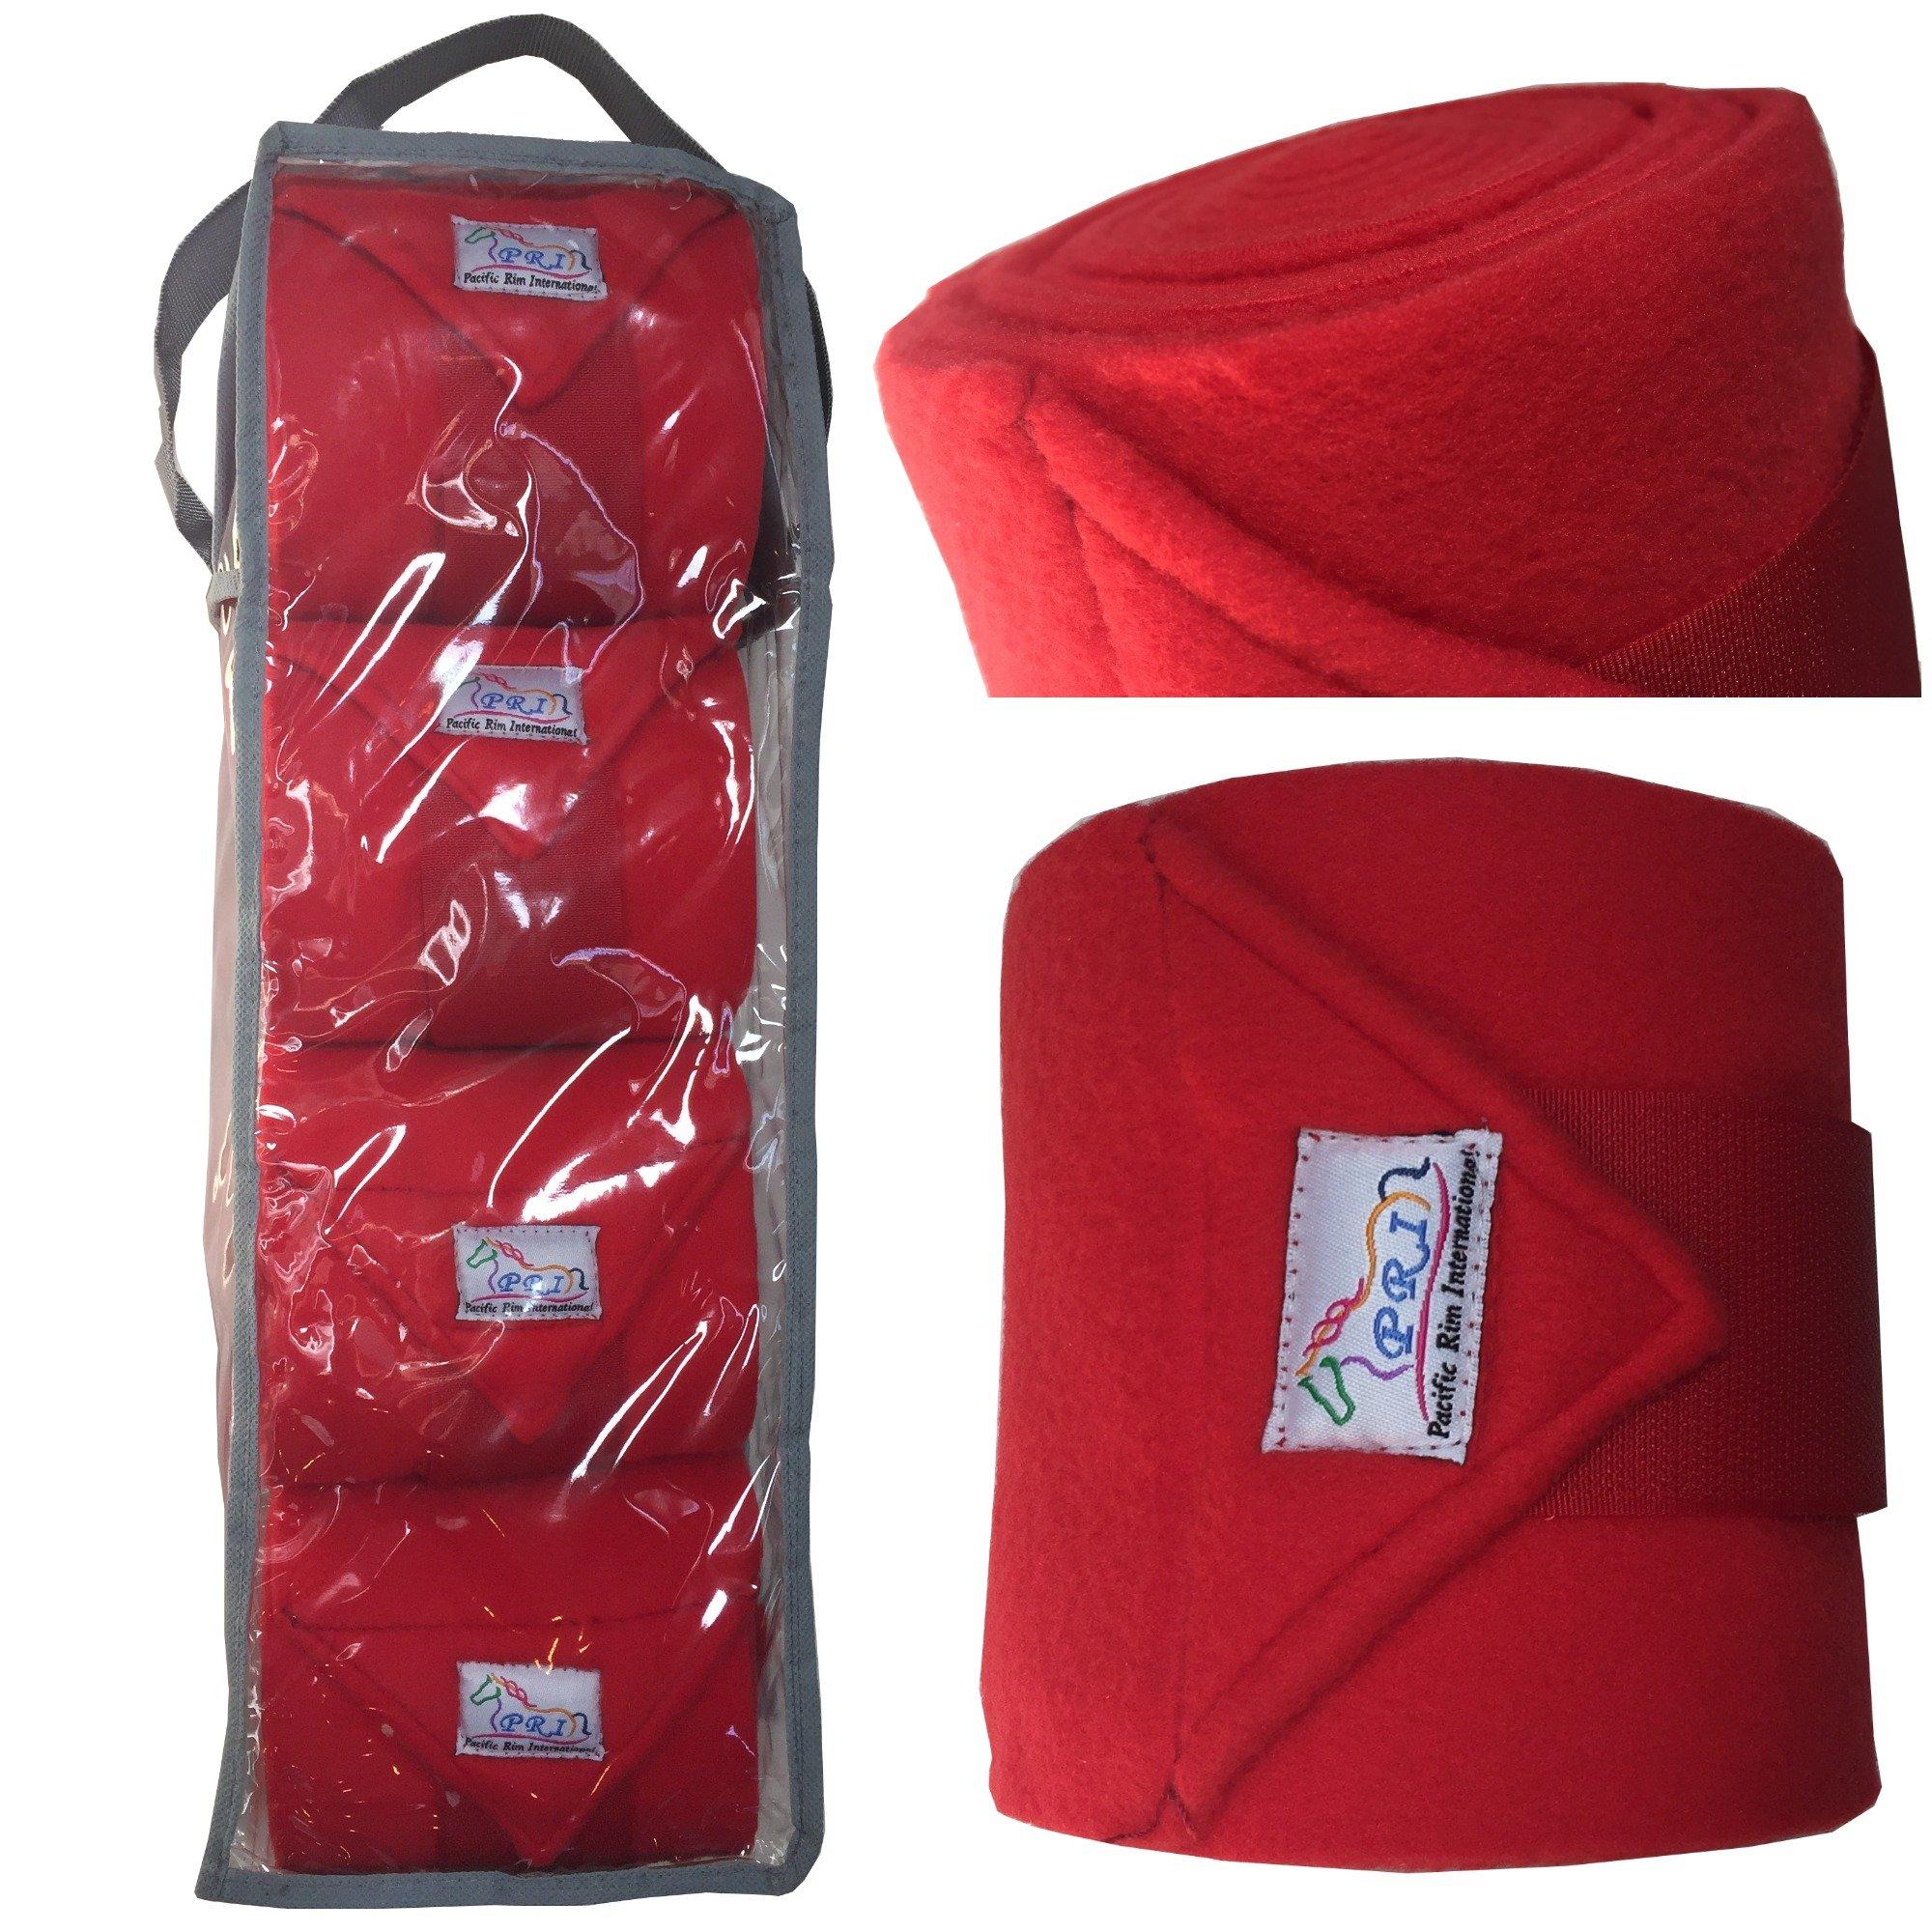 PRI Horse Leg Protection Set of Four Fleece Polo Wraps, Red, Horse Size by PRI Horse Leg Protection (Image #1)